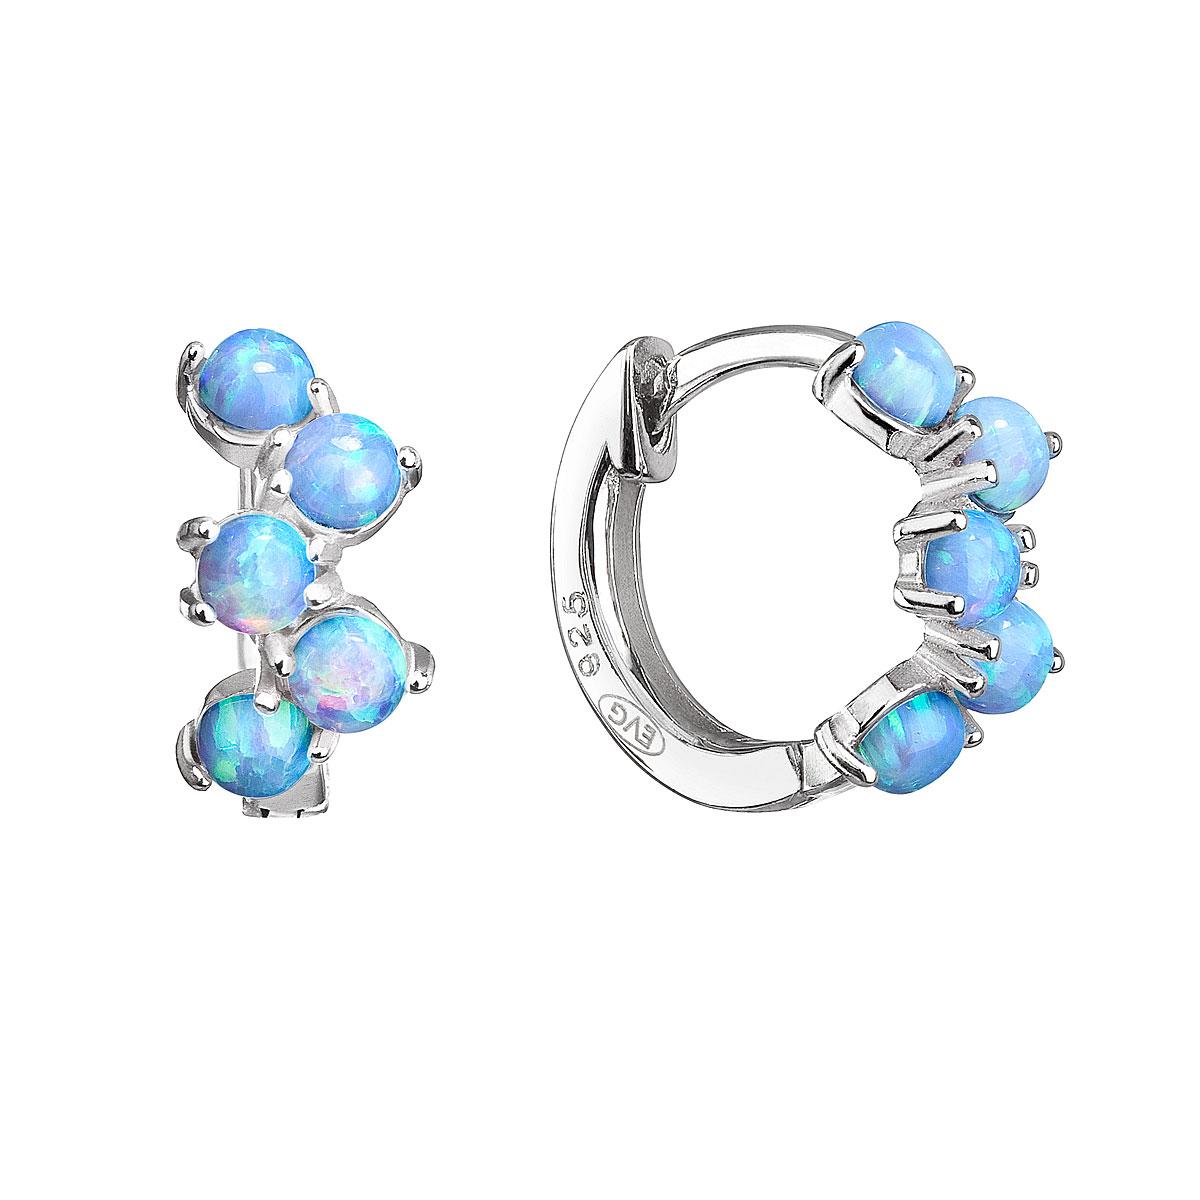 Strieborné náušnice kruhy so syntetickými opálmi svetlo modré 11339.3